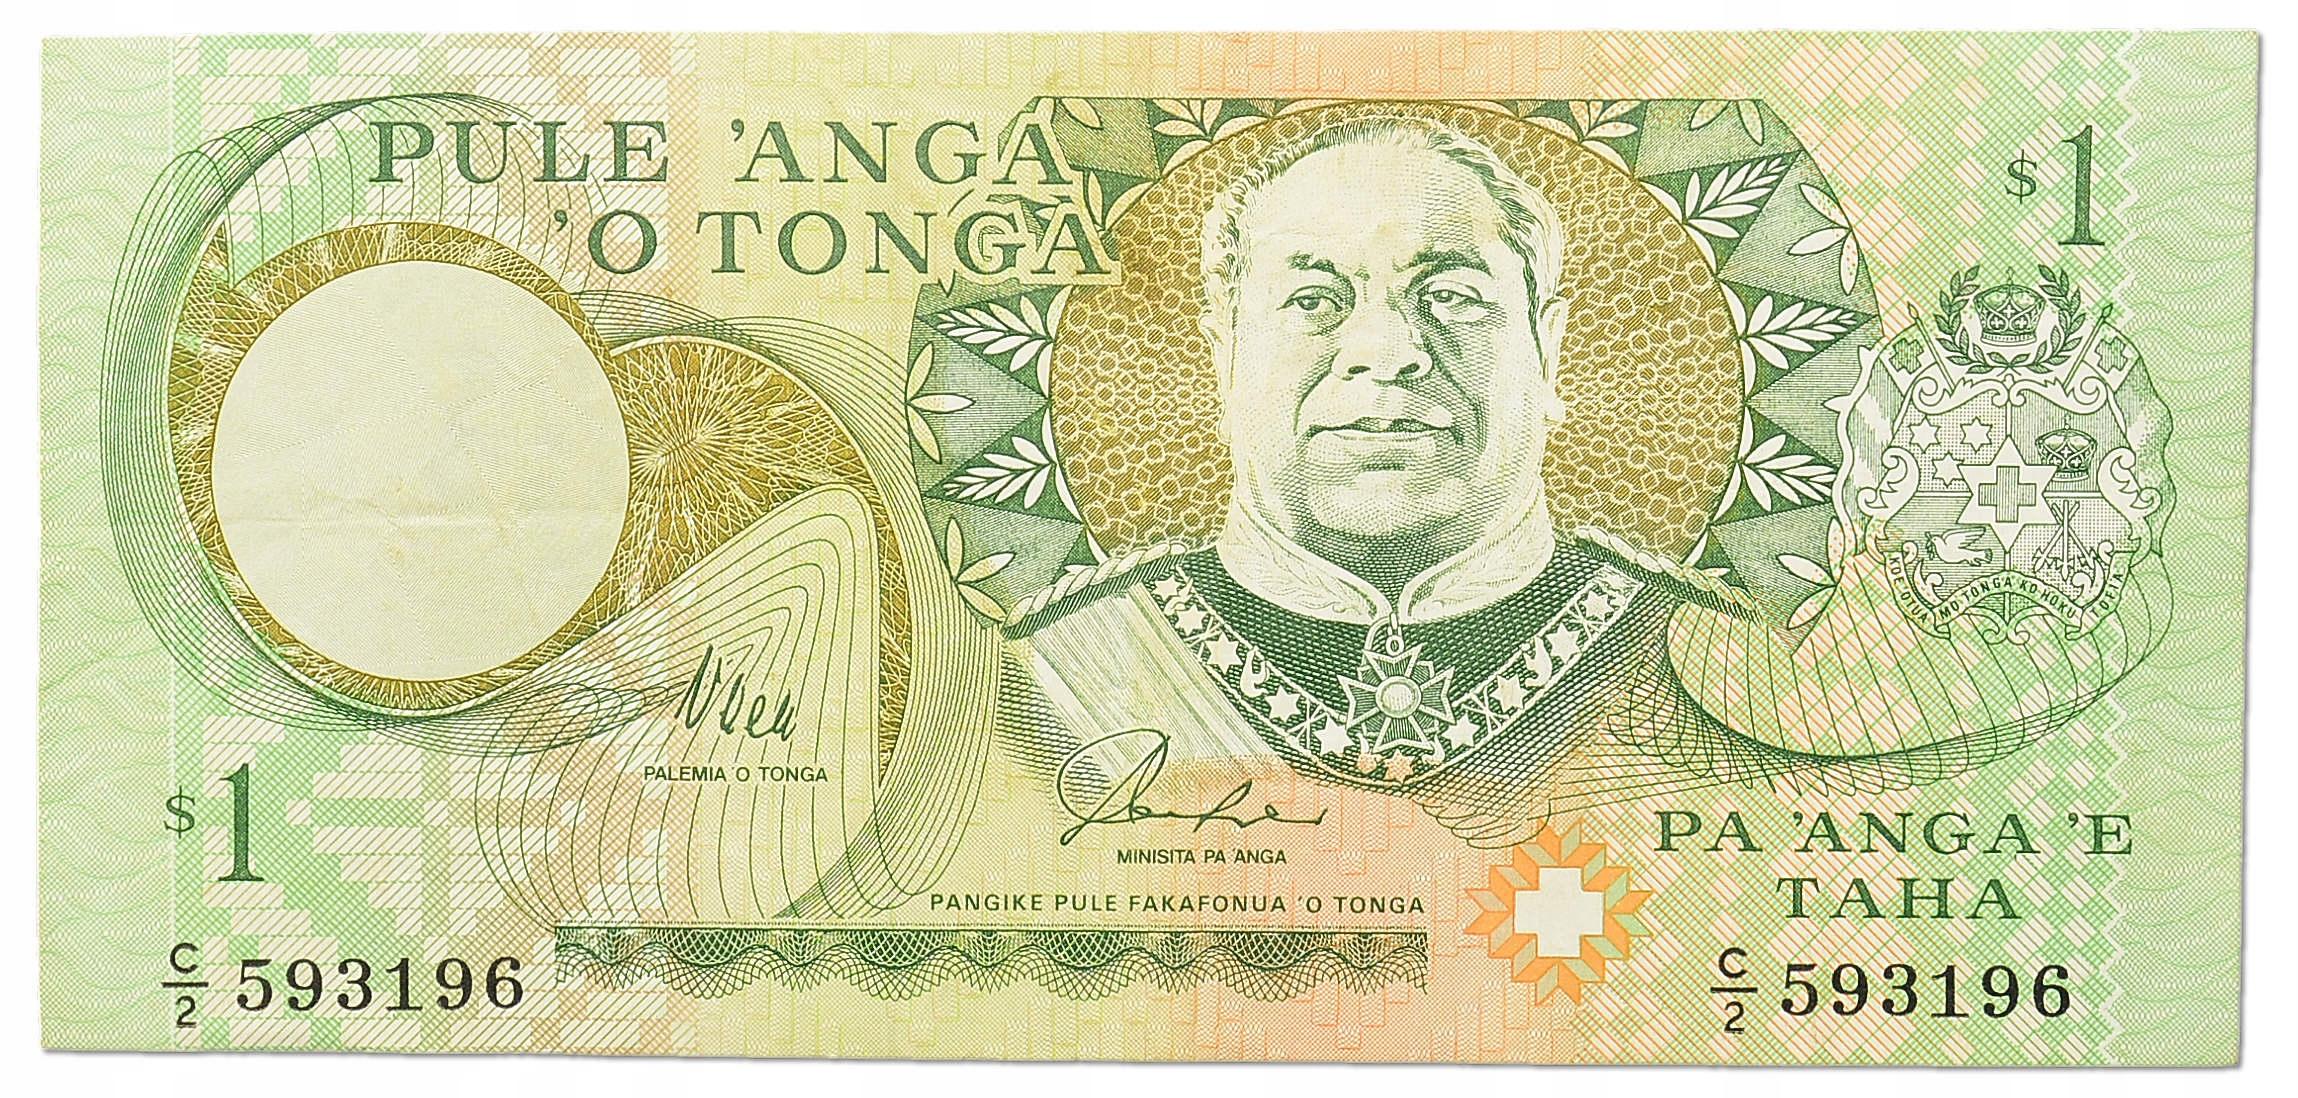 13.Tonga, 1 Pa'anga 1995, P.31, St.3+